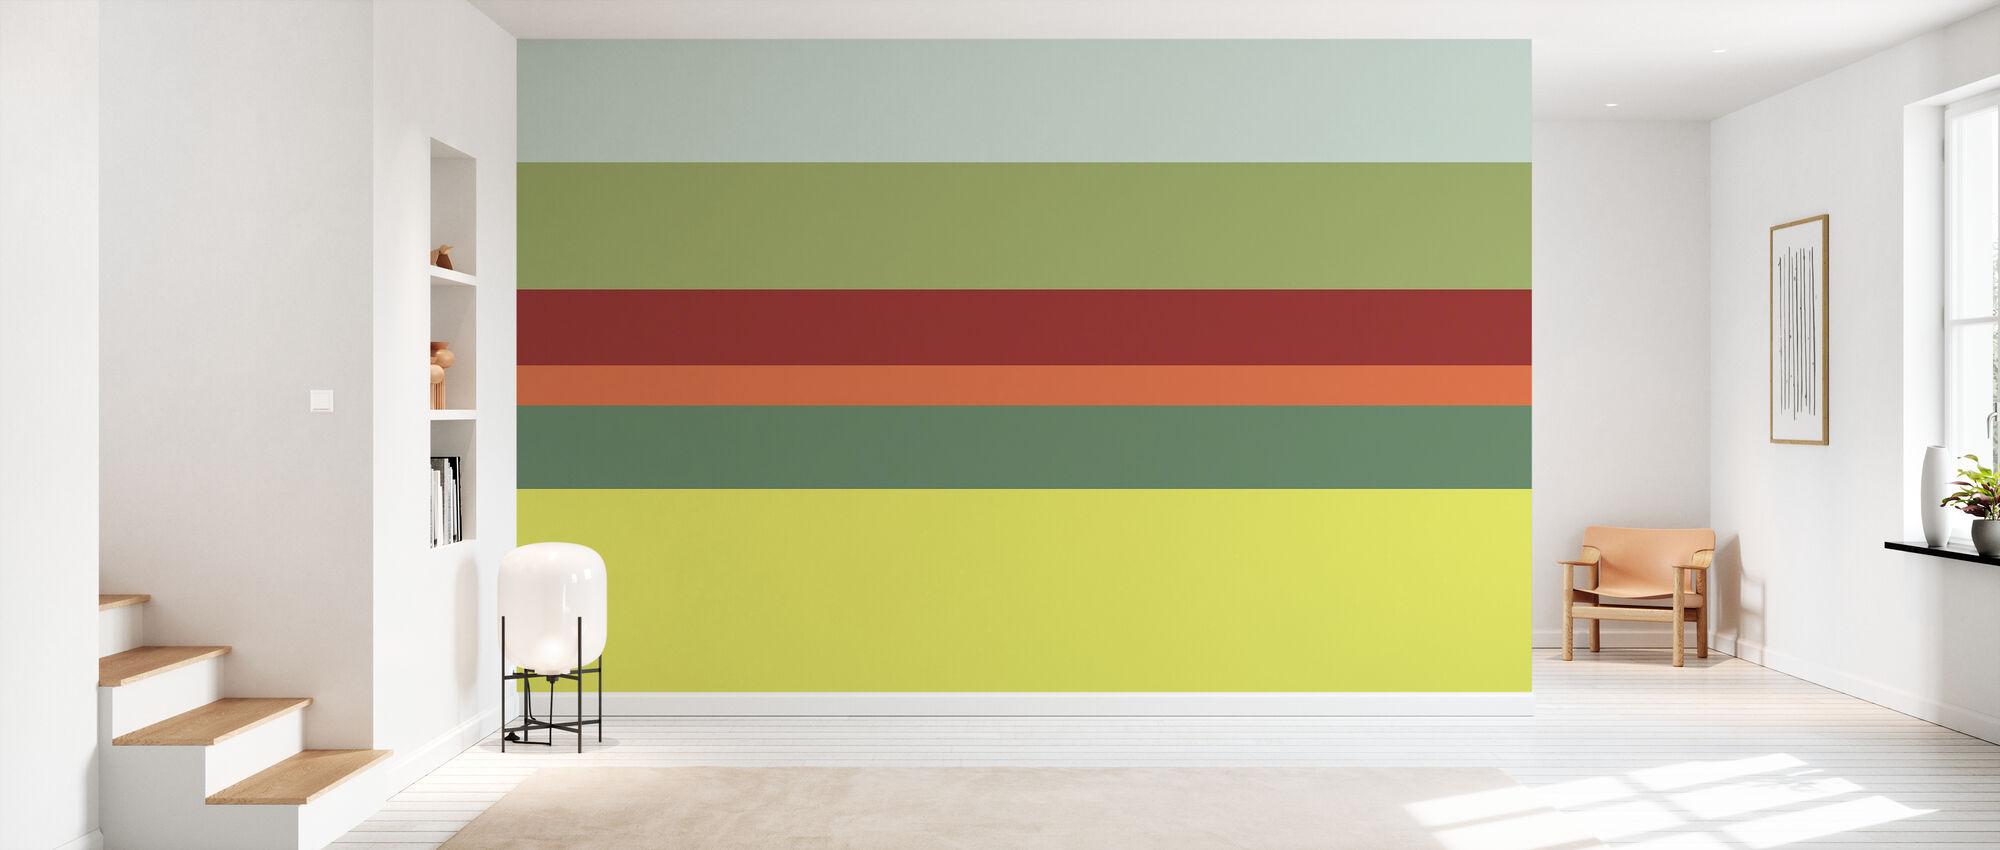 The apple crop - Wallpaper - Hallway